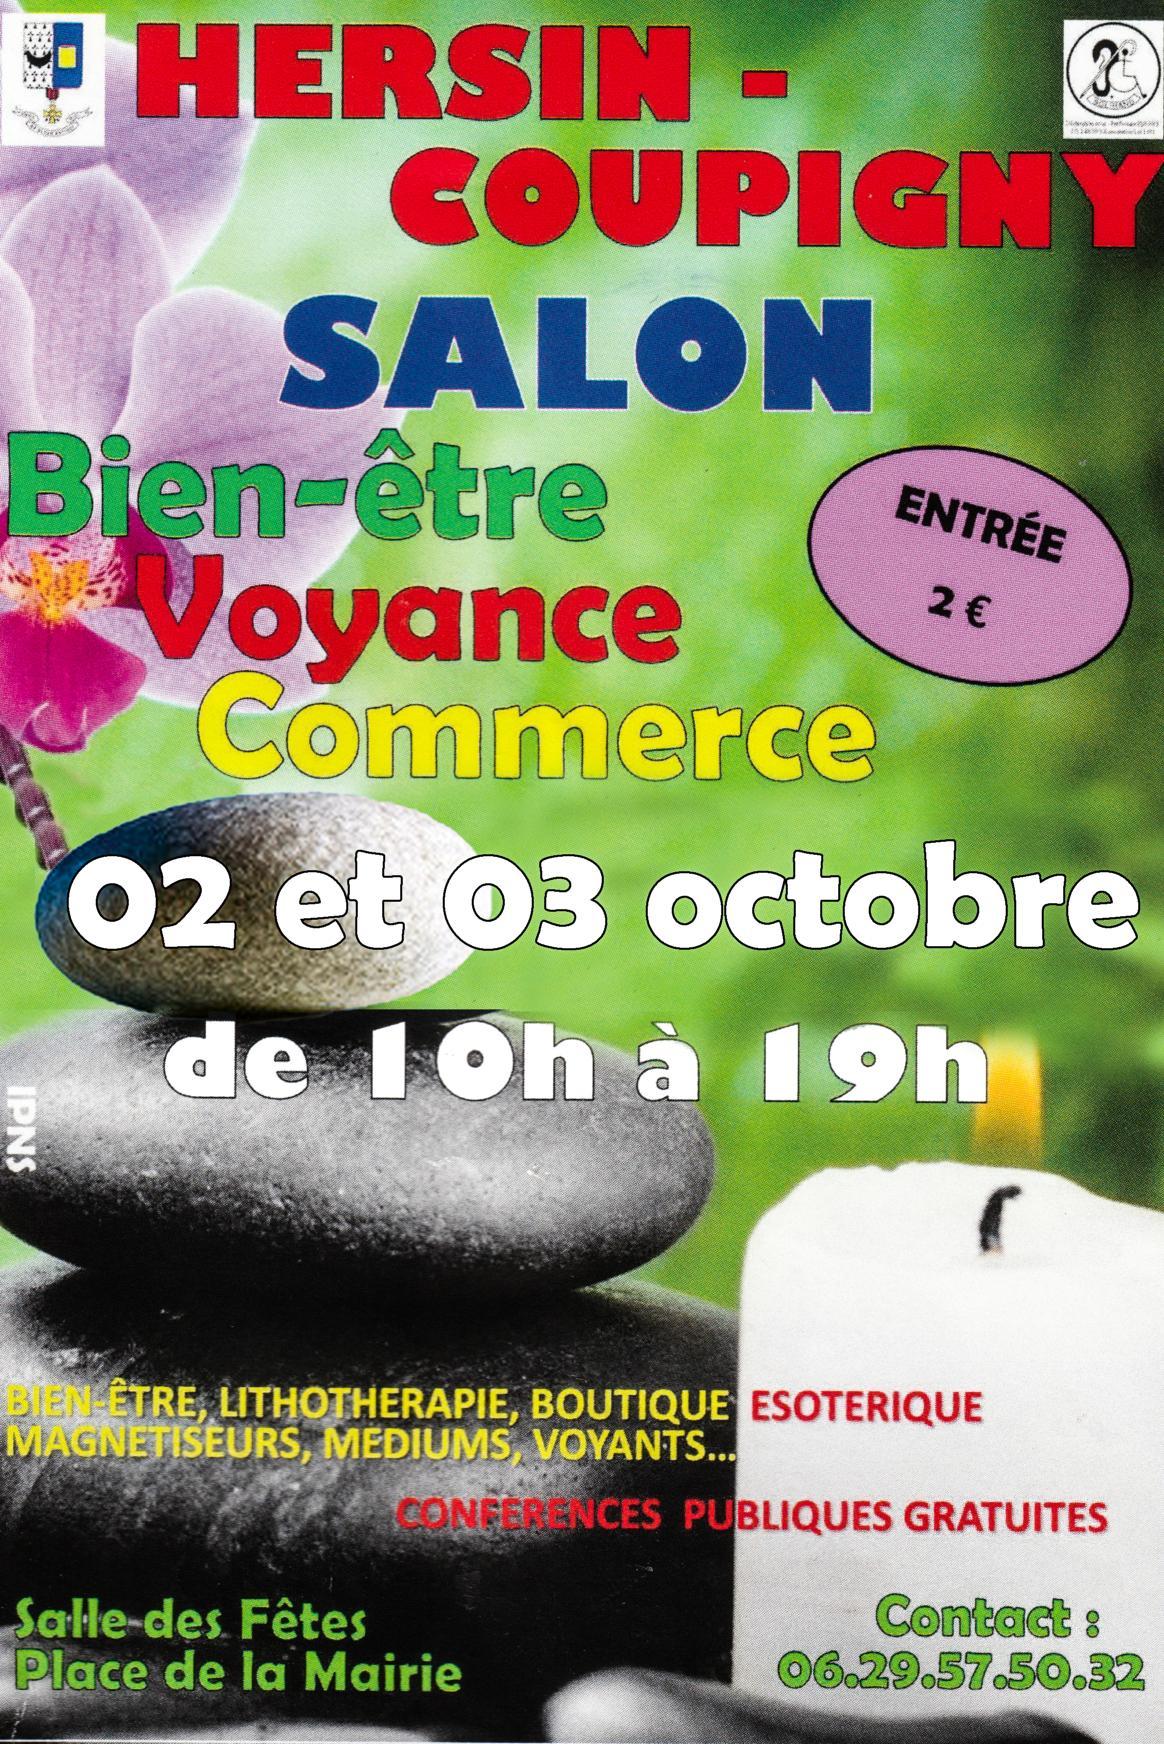 Salon Bien être @ Salle des Fêtes   Hersin-Coupigny   Hauts-de-France   France